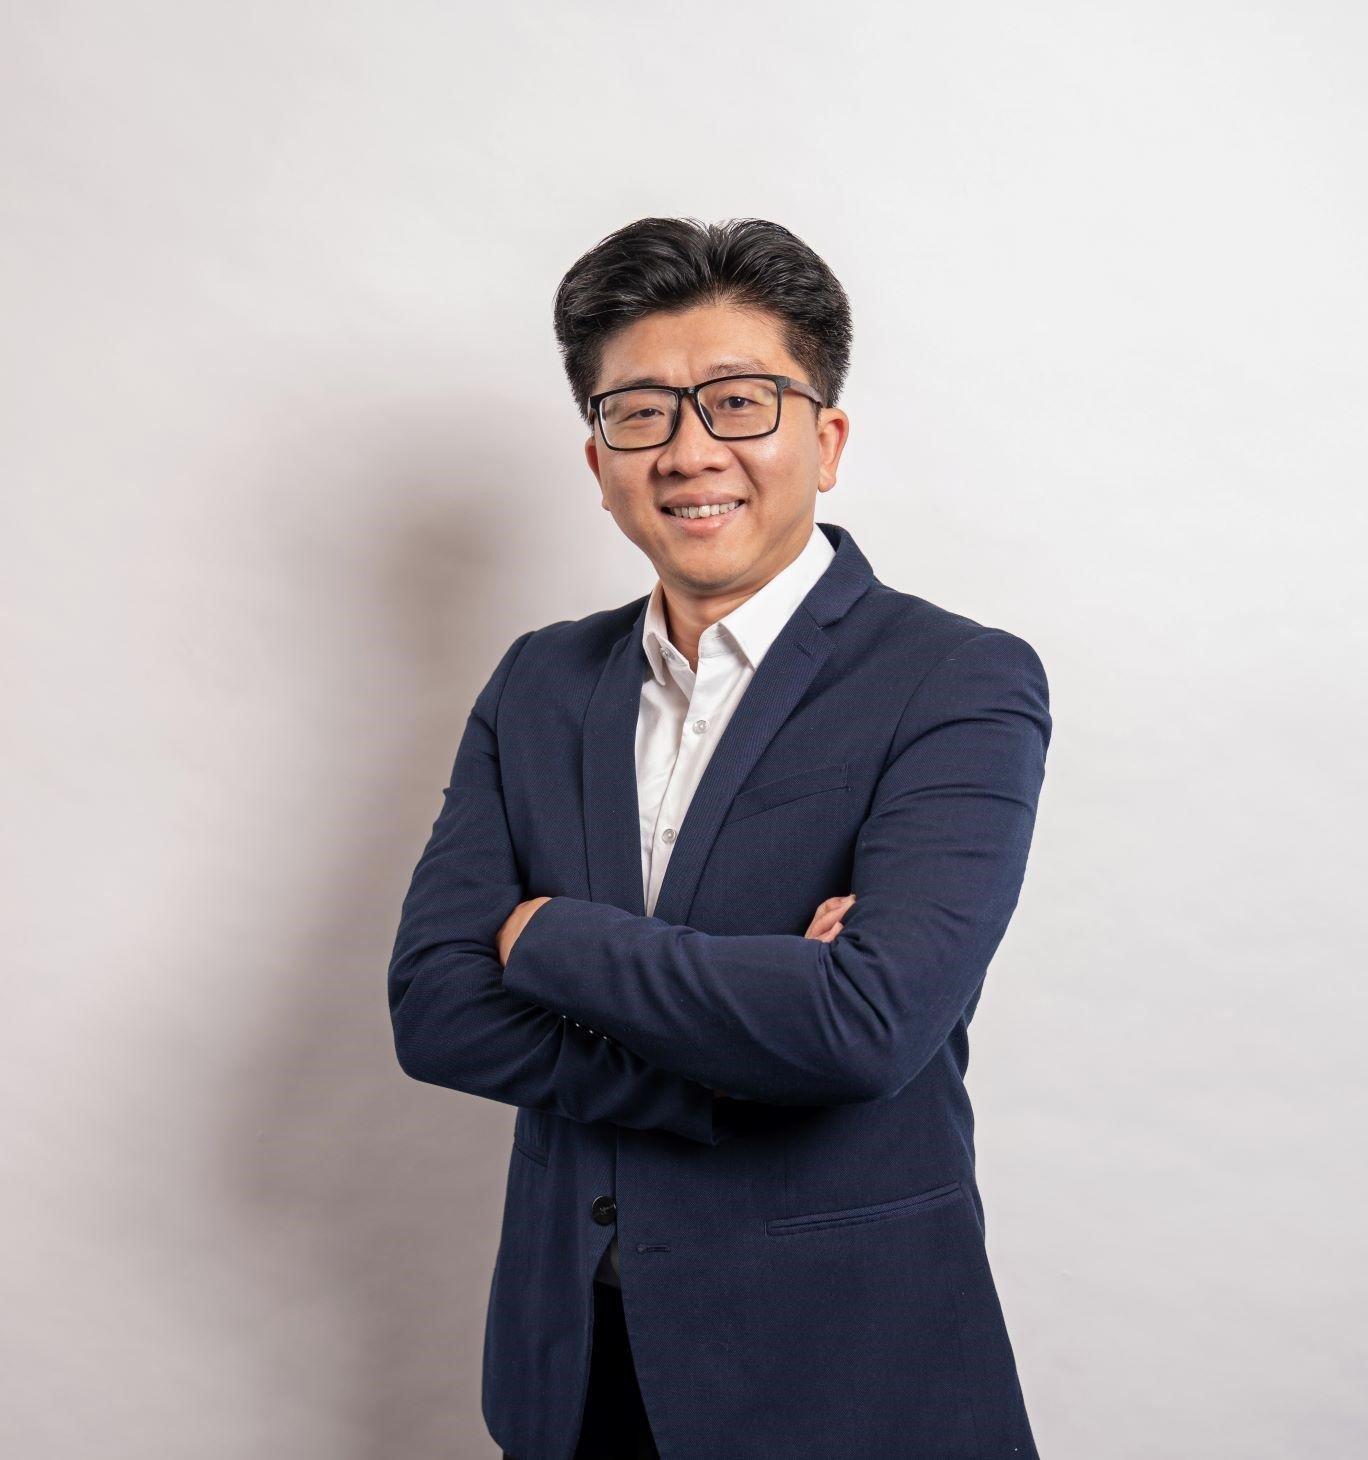 Min Sun, Chief AI Scientist at Appier